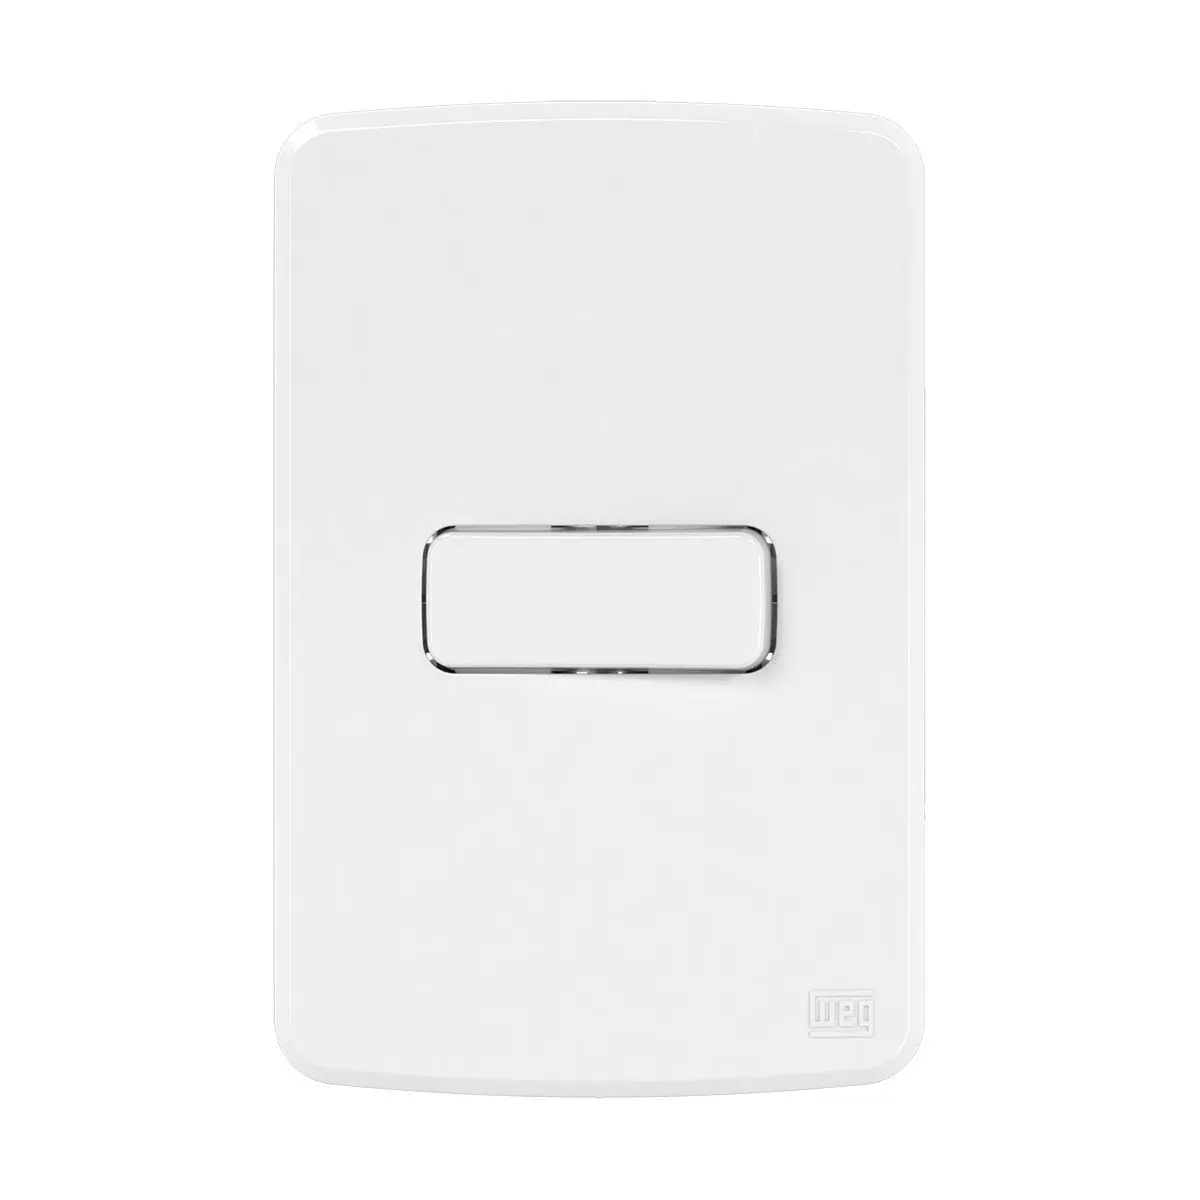 1 Interruptor Paralelo 10A/250V Placa 4X2 Composé Br